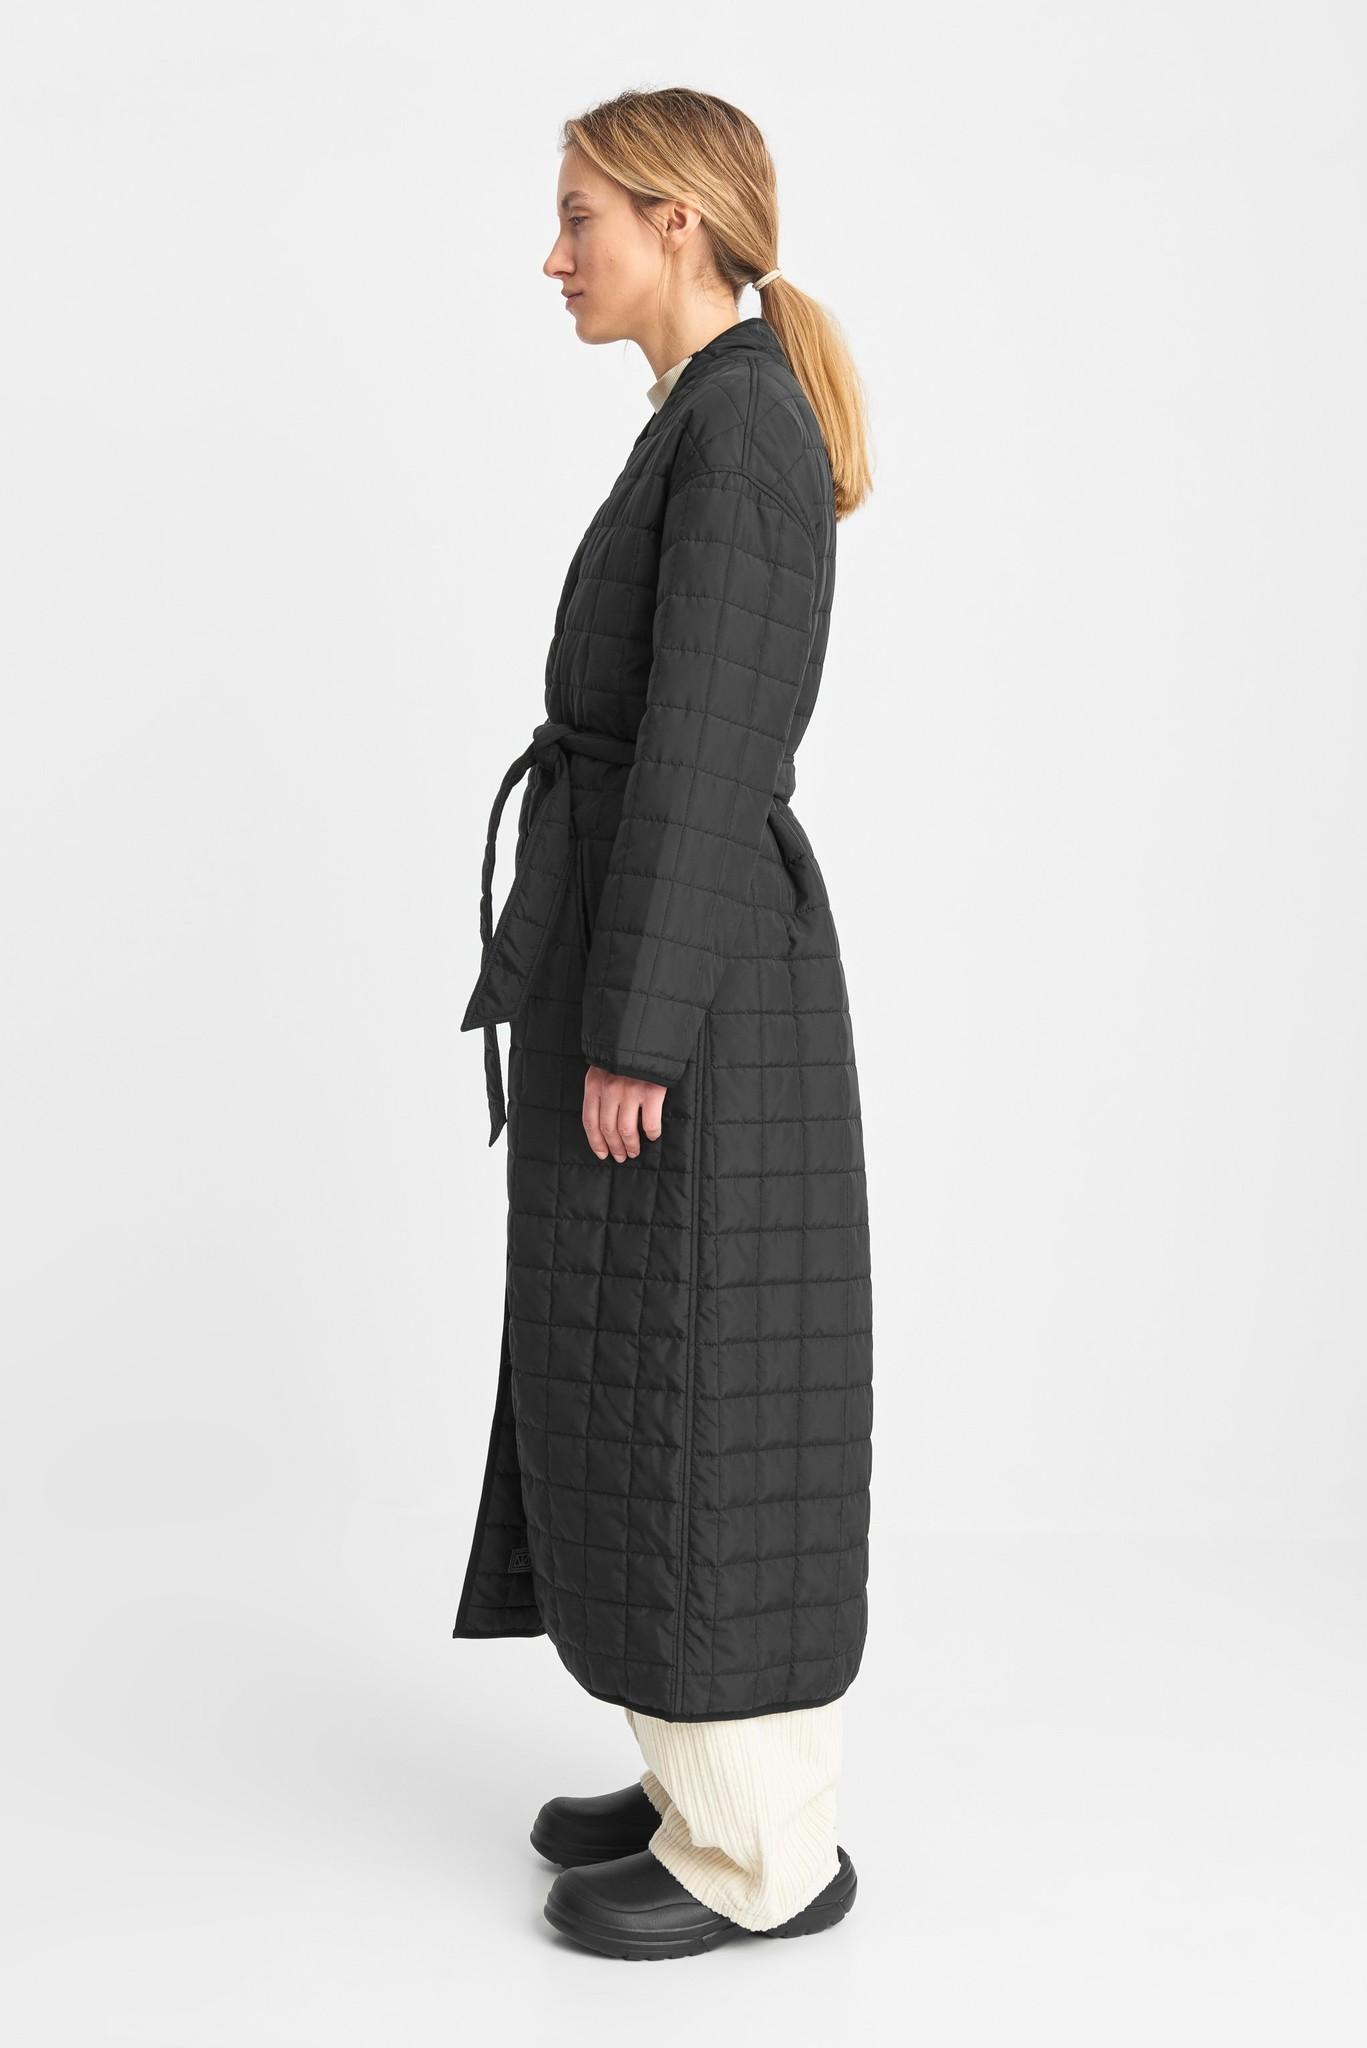 Lila lange gewatteerde oversized jas zwart-3